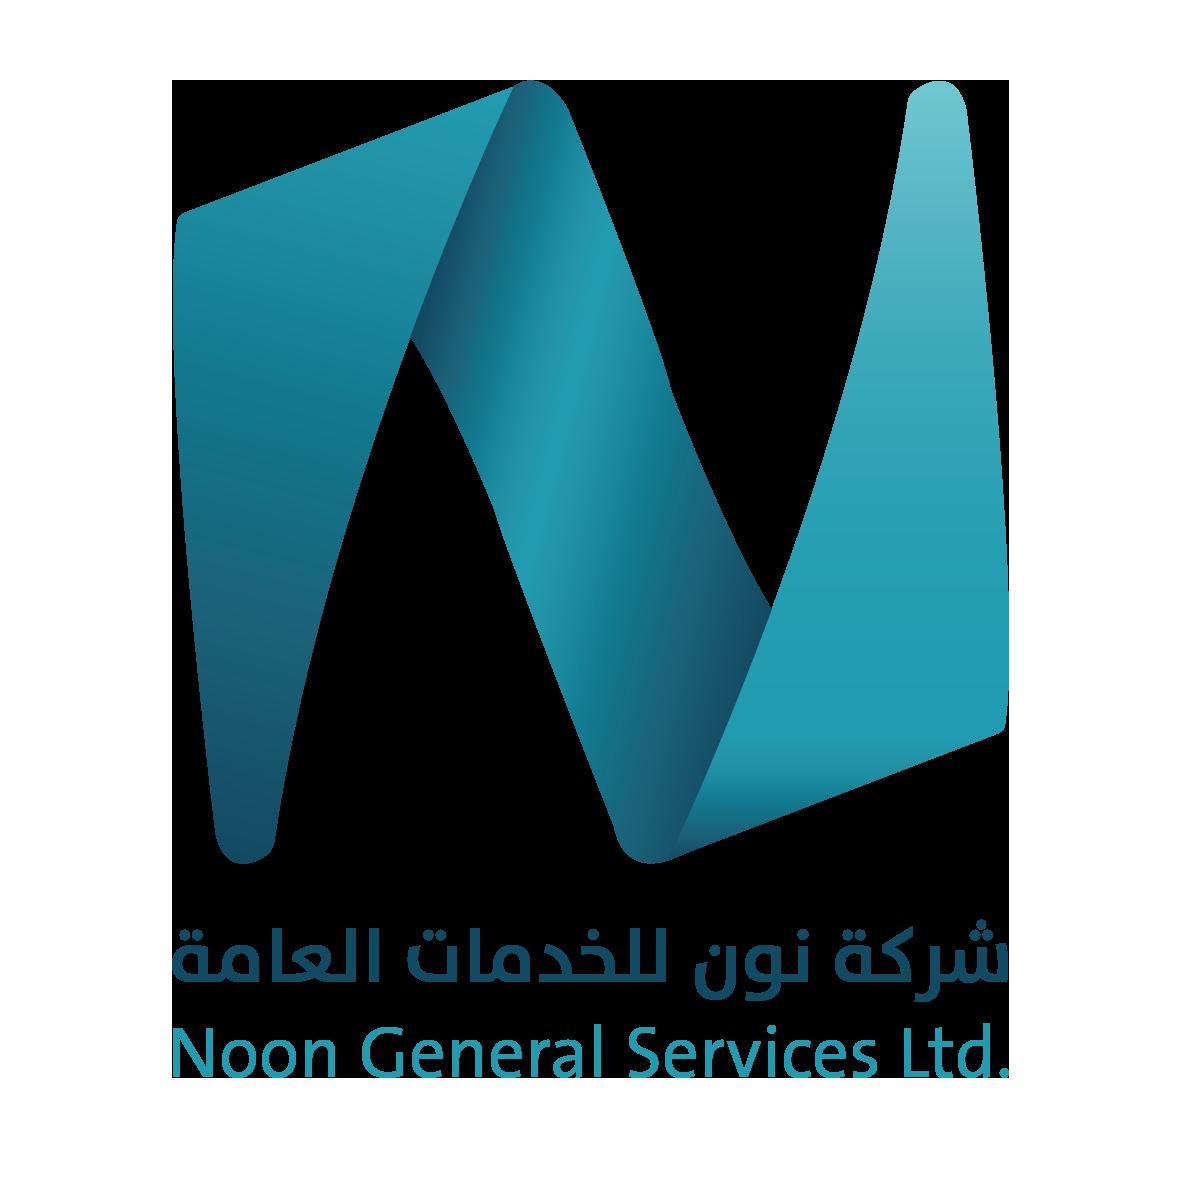 شركة نون للخدمات العامة